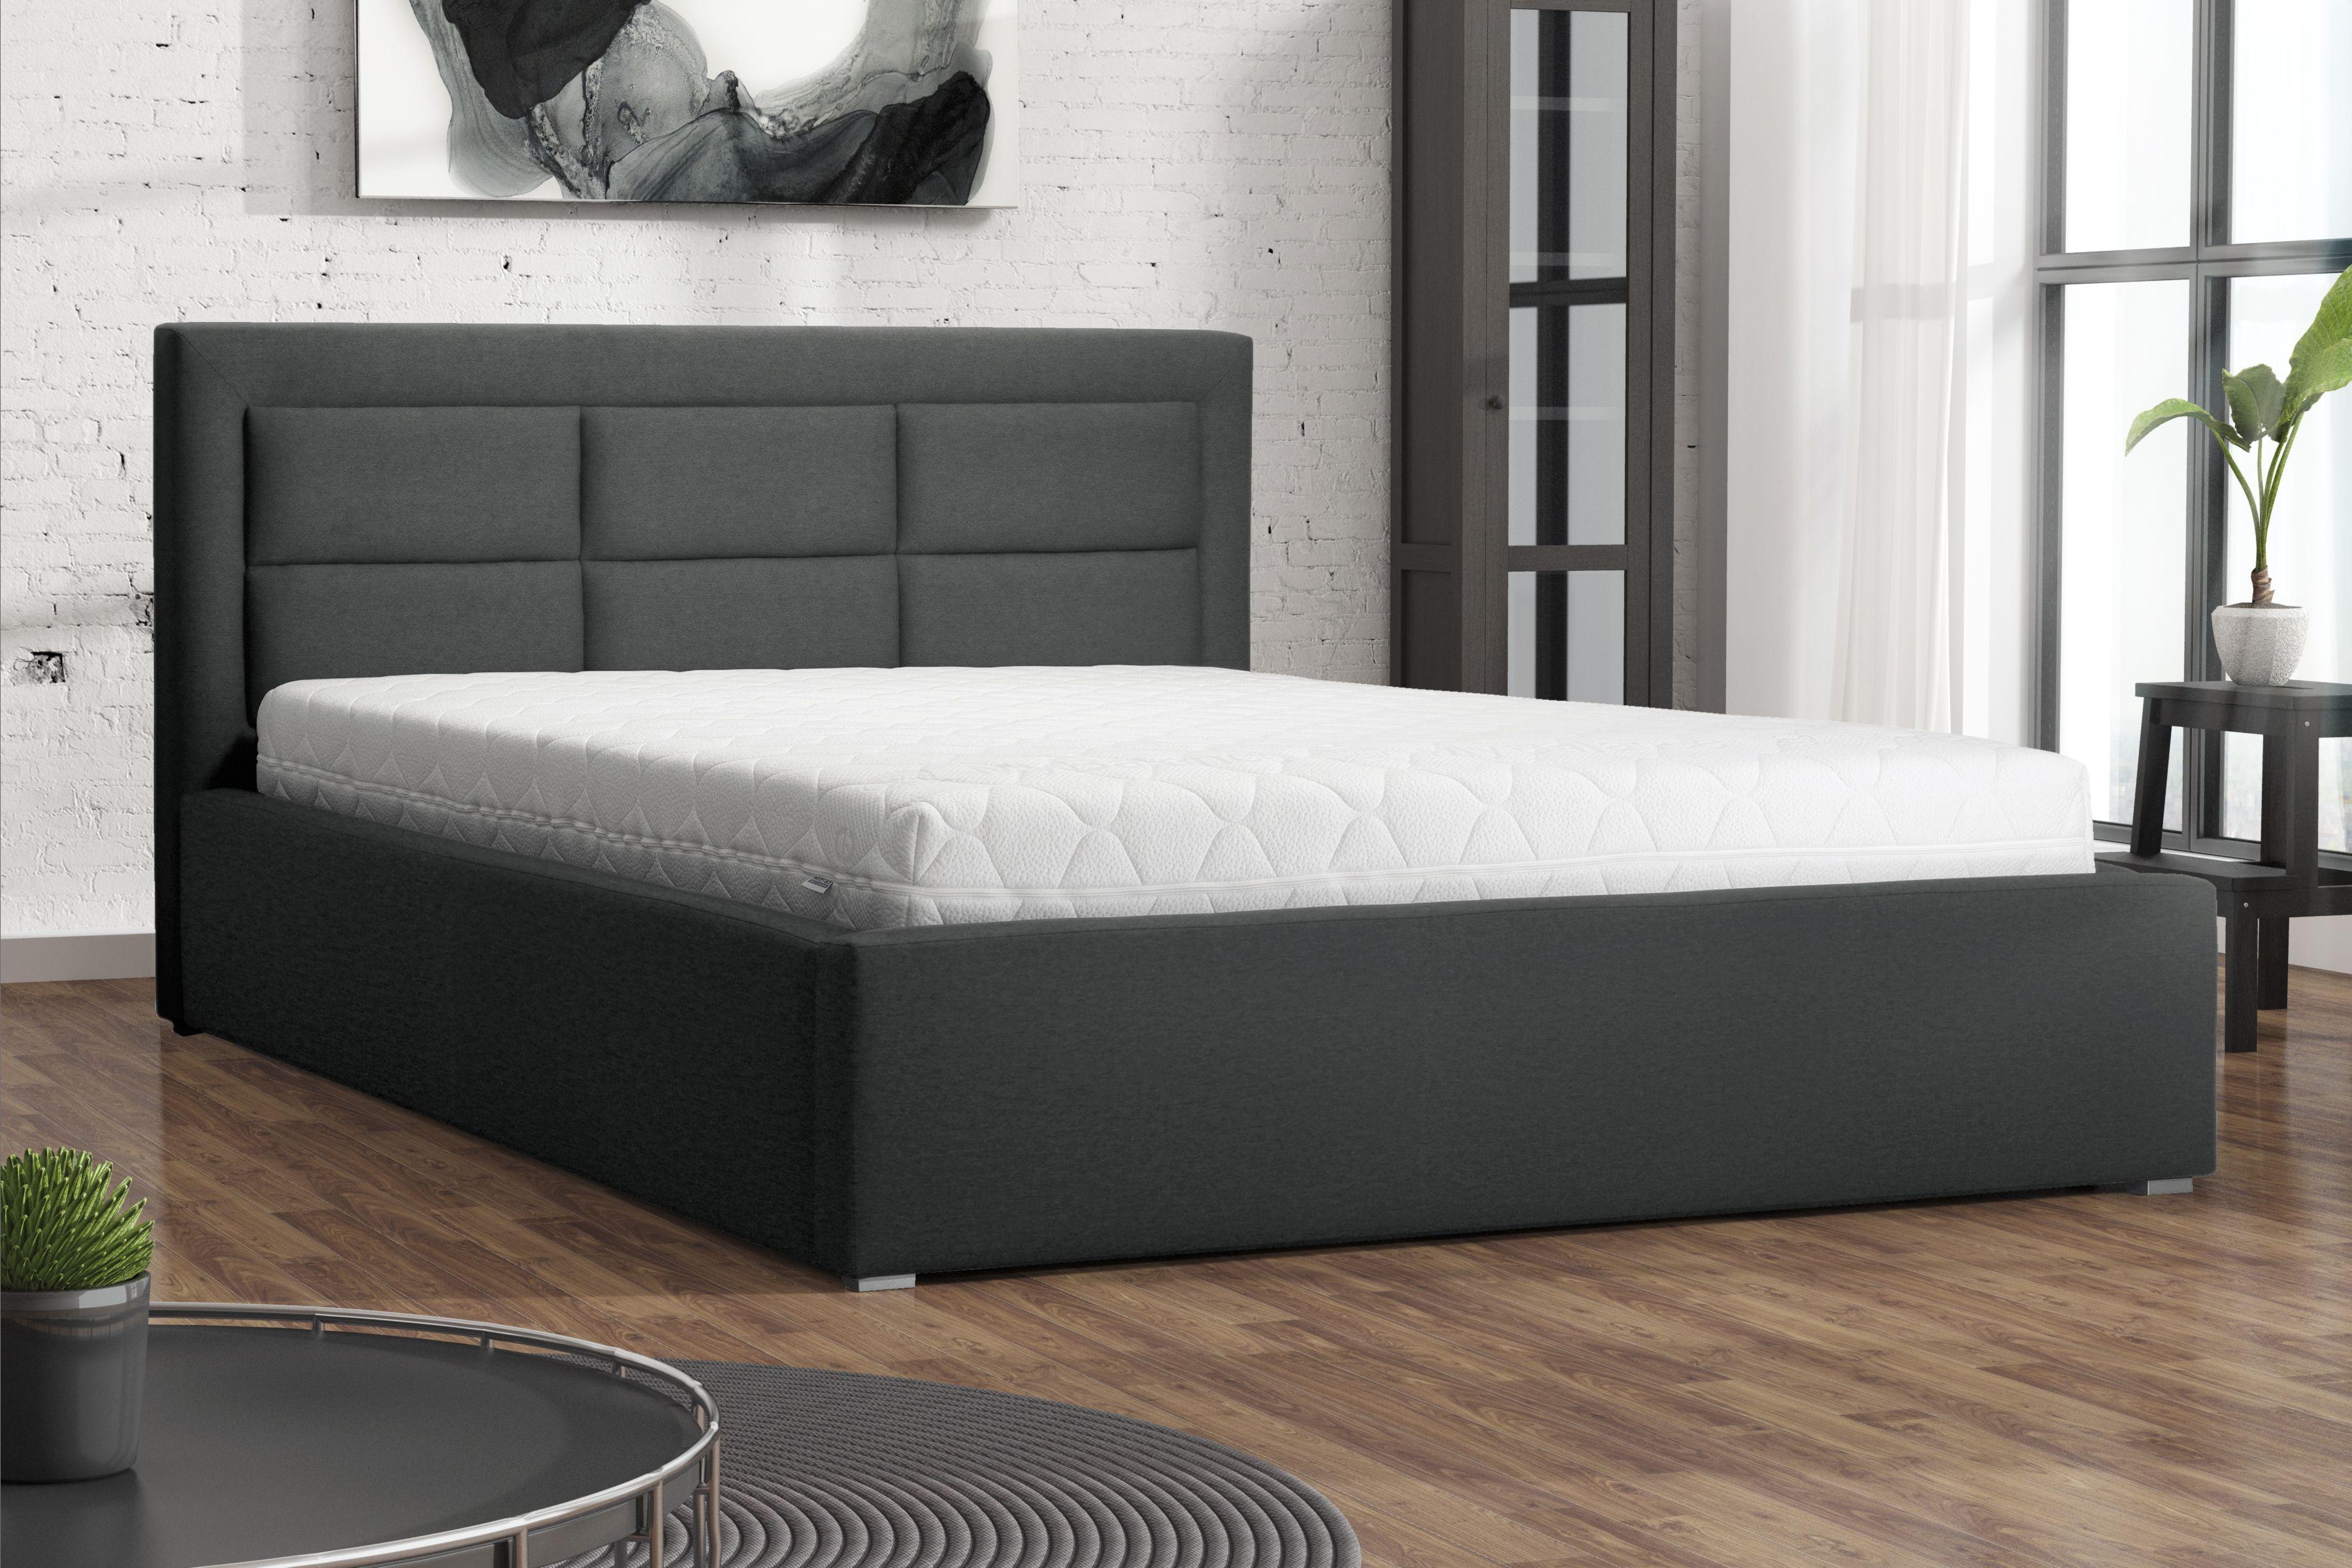 Aranżacja Sypialni Z Pięknie Przeszywanym łóżkiem Do Sypialni